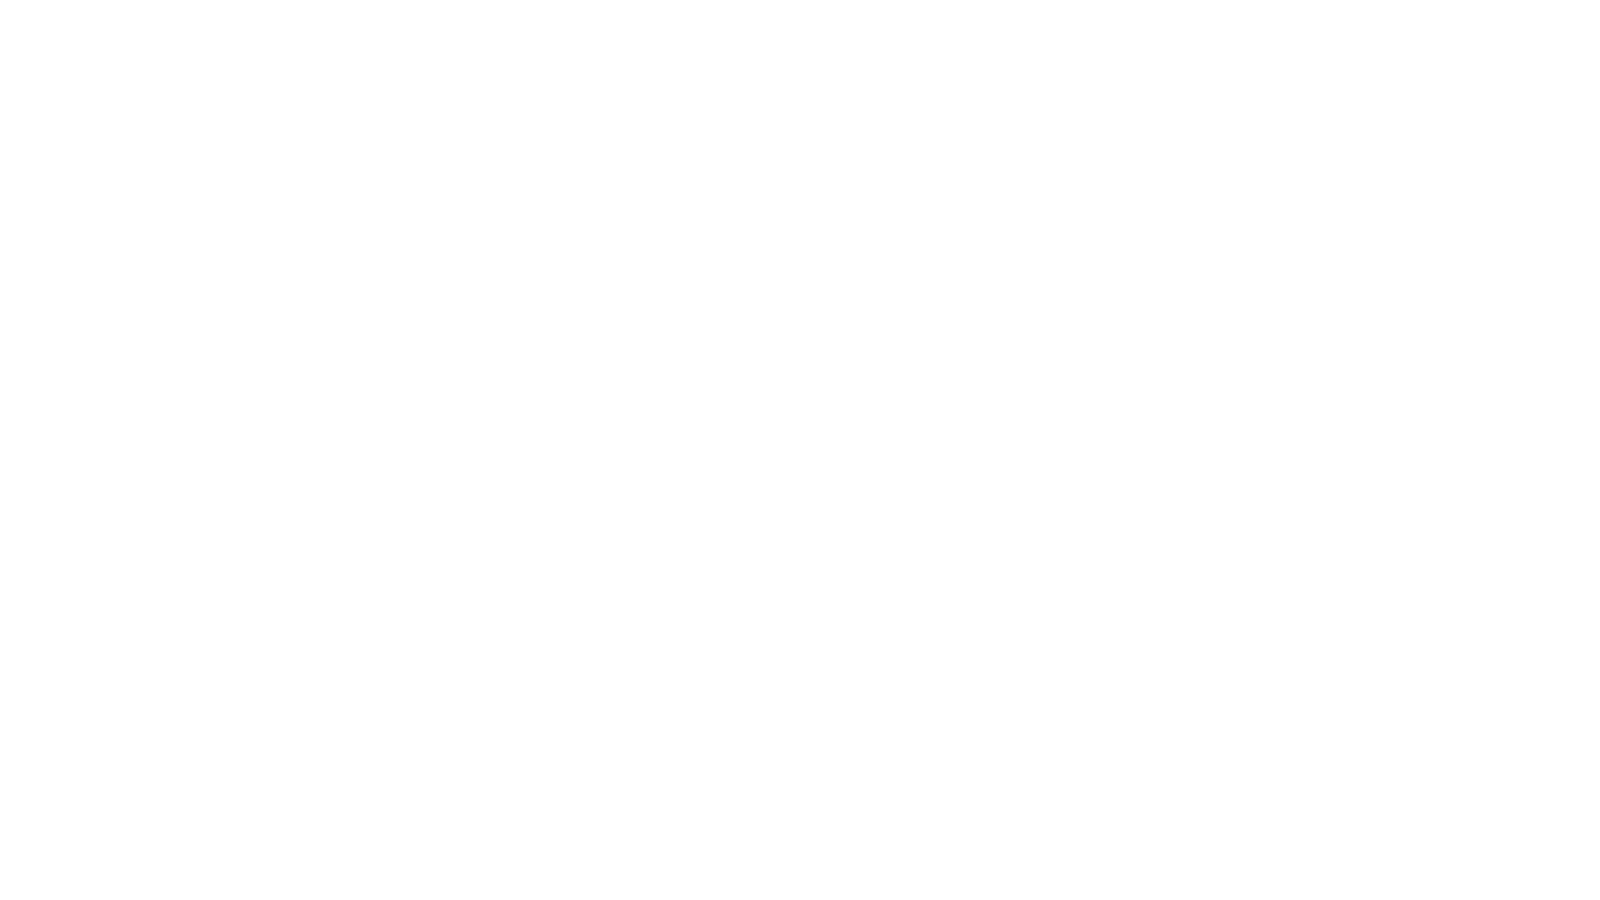 Cześć kochani!😎 Grupa medialna nie zwalnia tempa i cały czas pracujemy, aby SMAL był coraz lepszy 🤫💪 Dlatego na dziś mamy dla Was wywiad stworzony podczas tegorocznego SMALu!! ✨ Zapraszamy do obejrzenia krótkiej rozmowy ze specjalnym gościem jakim był ks. Andrzej Szulej proboszcz parafii św. Józefa w Lublinie ⛪,w której był pierwszy przystanek naszego tegorocznego SMALu💥 Jesteście z nami? 🔥